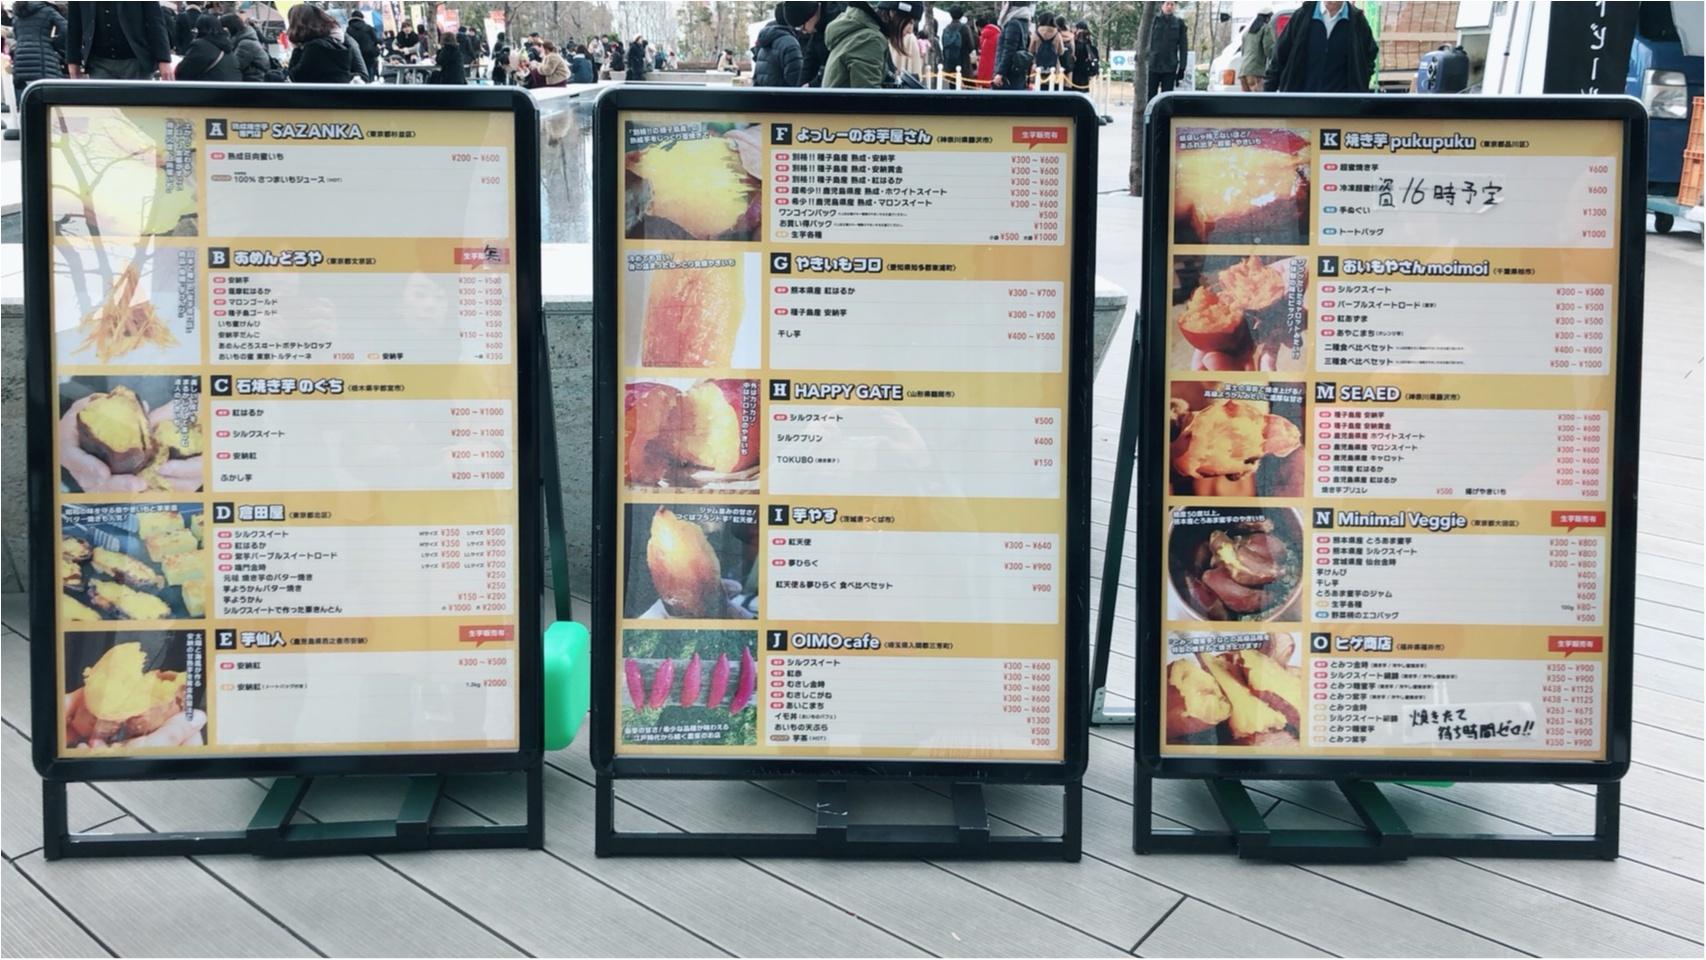 今年も始まった‼「品川やきいもテラス」は全国から焼き芋屋さんが集合する焼き芋祭り‼_3